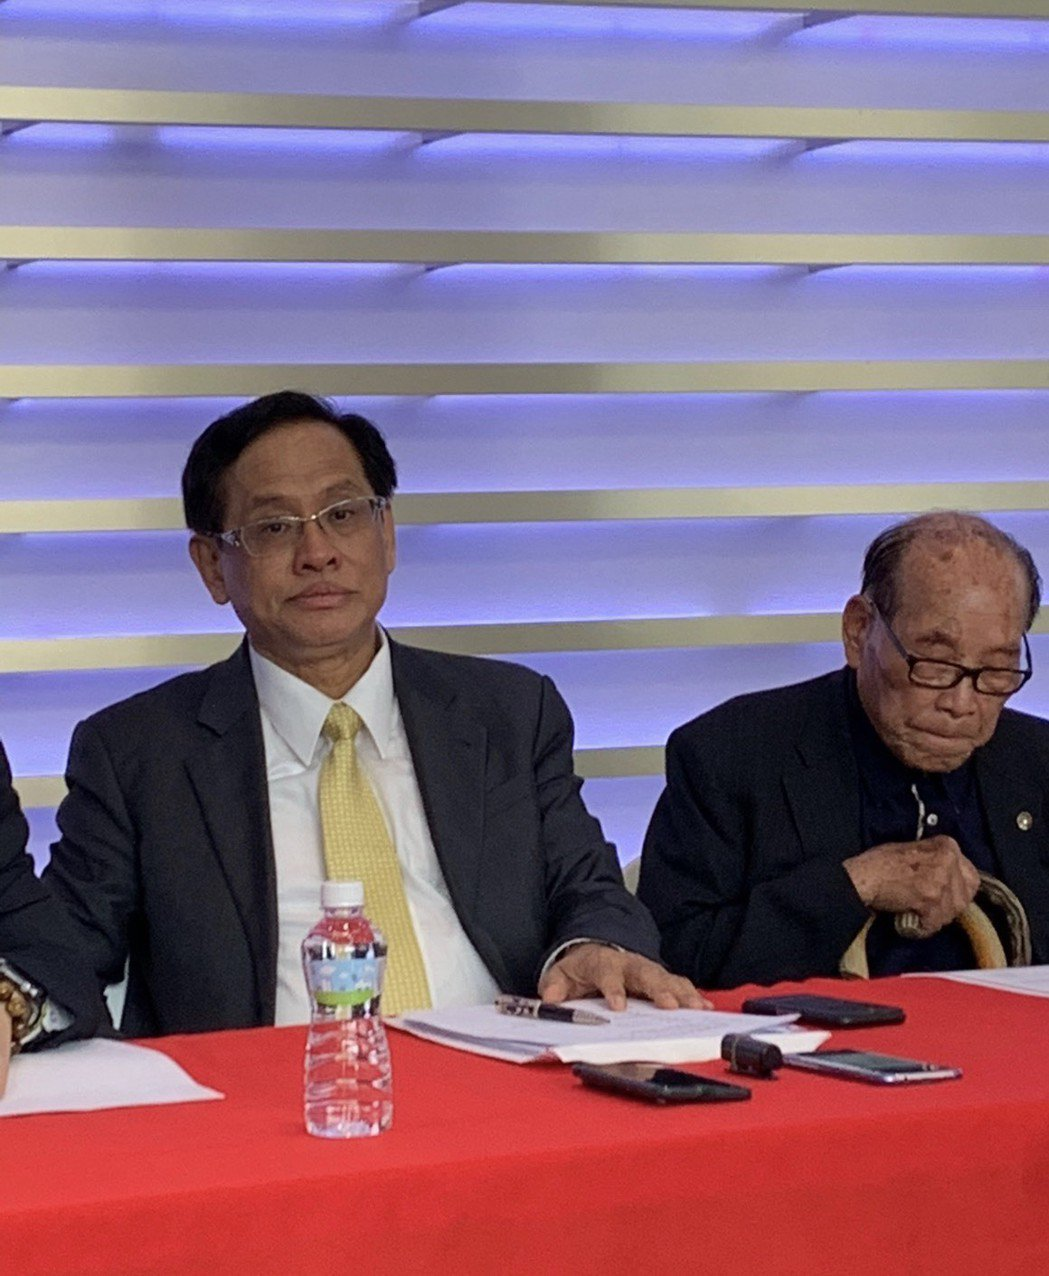 民視董事長郭倍宏(左)、榮譽董事長田再庭出席記者會。記者陳慧貞/攝影